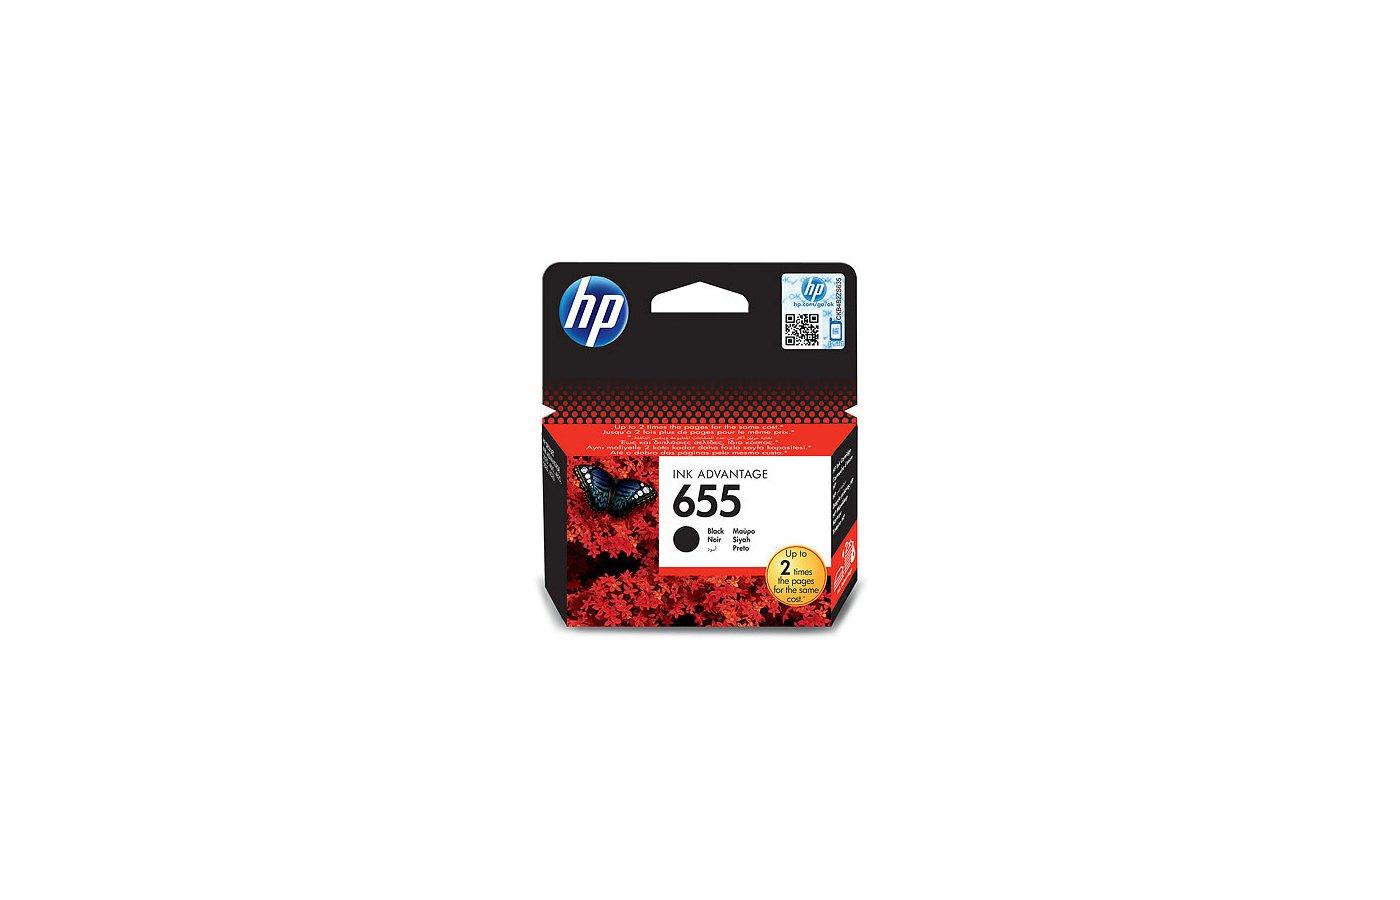 Картридж струйный HP 655 черный для DJ IA 3525/5525/4615/4625